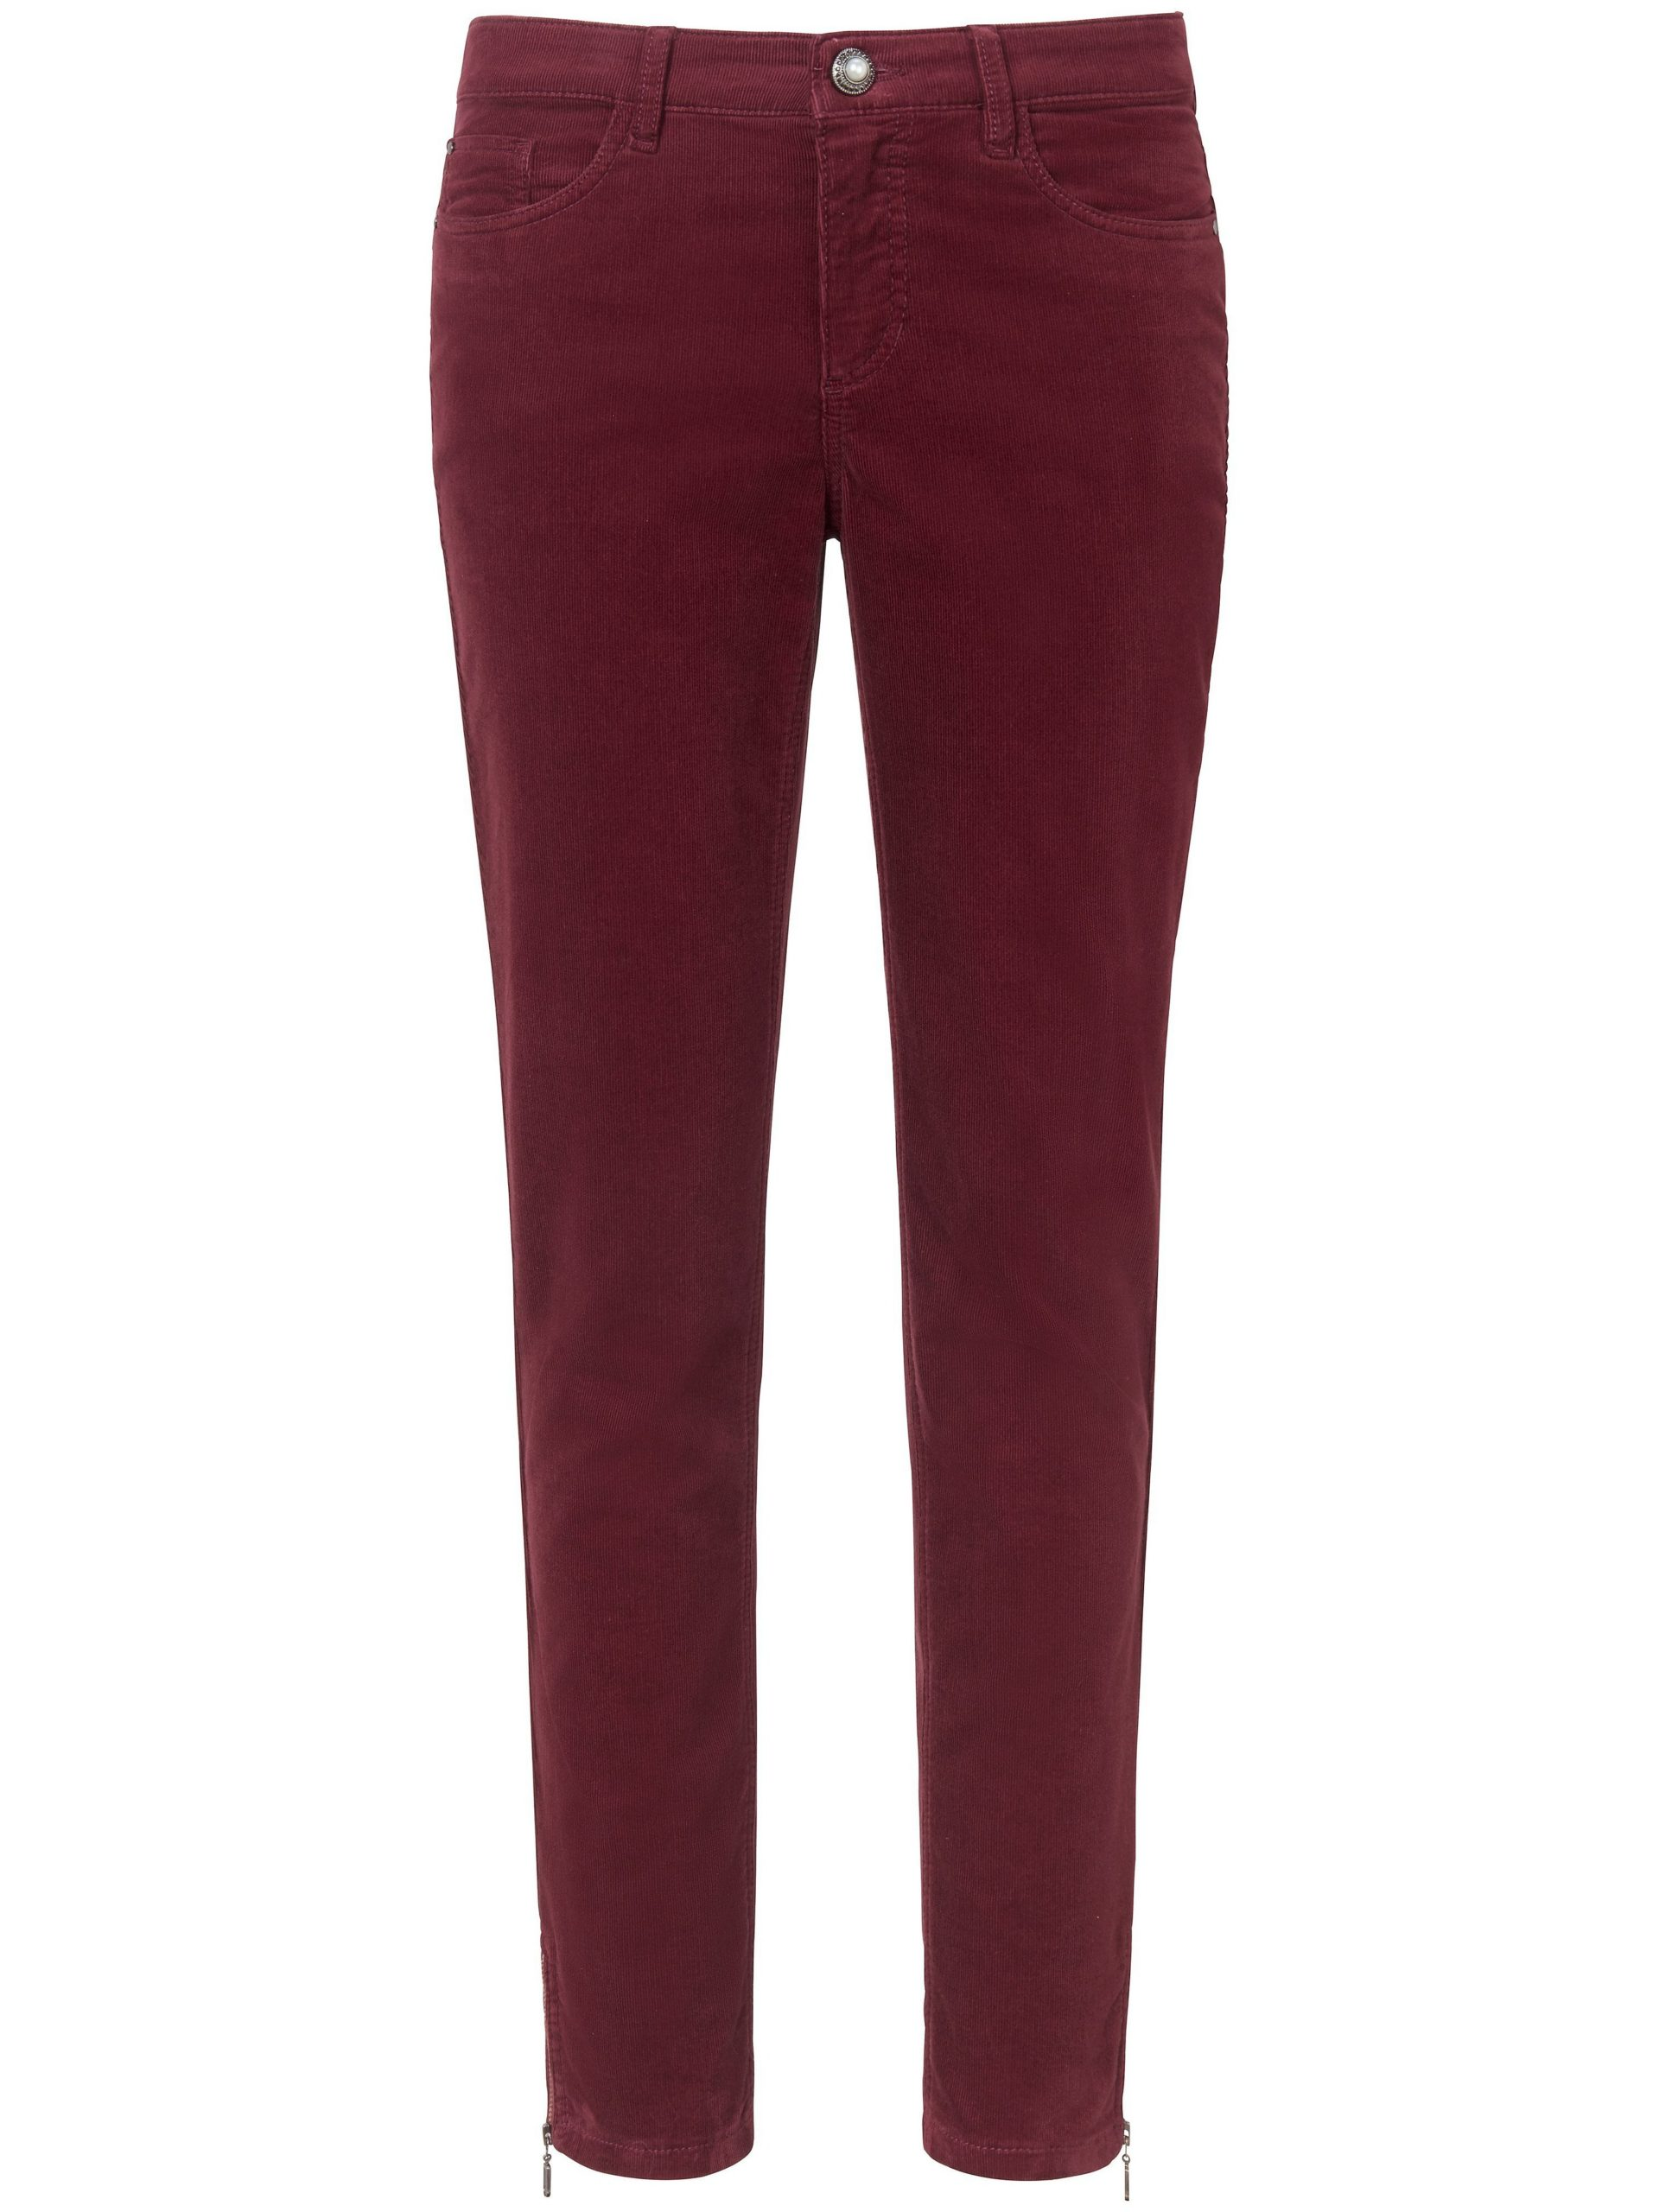 Fijncord-broek Van Peter Hahn rood Kopen